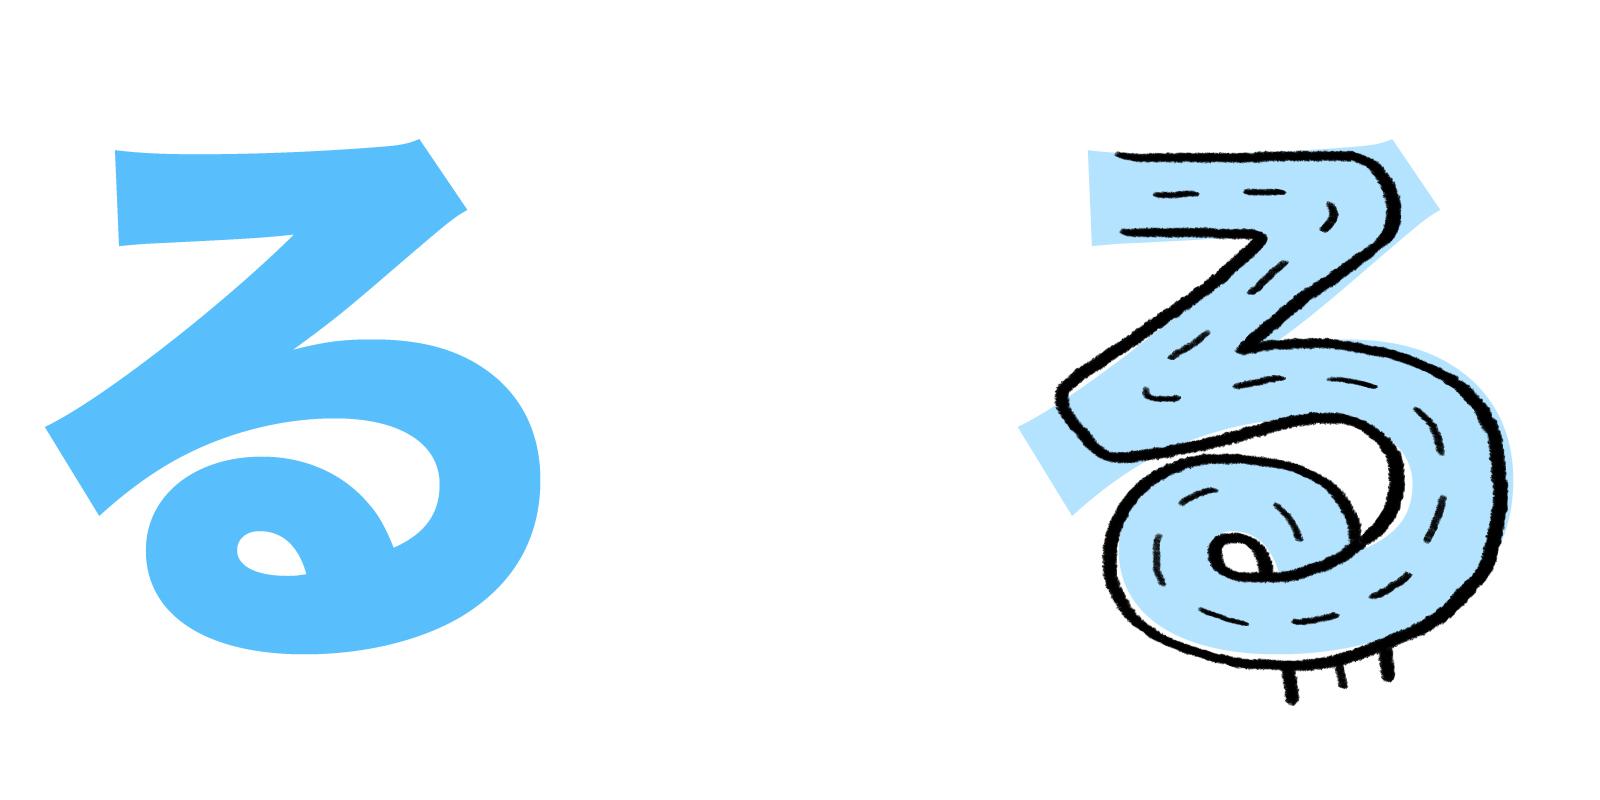 る hiragana mnemonic